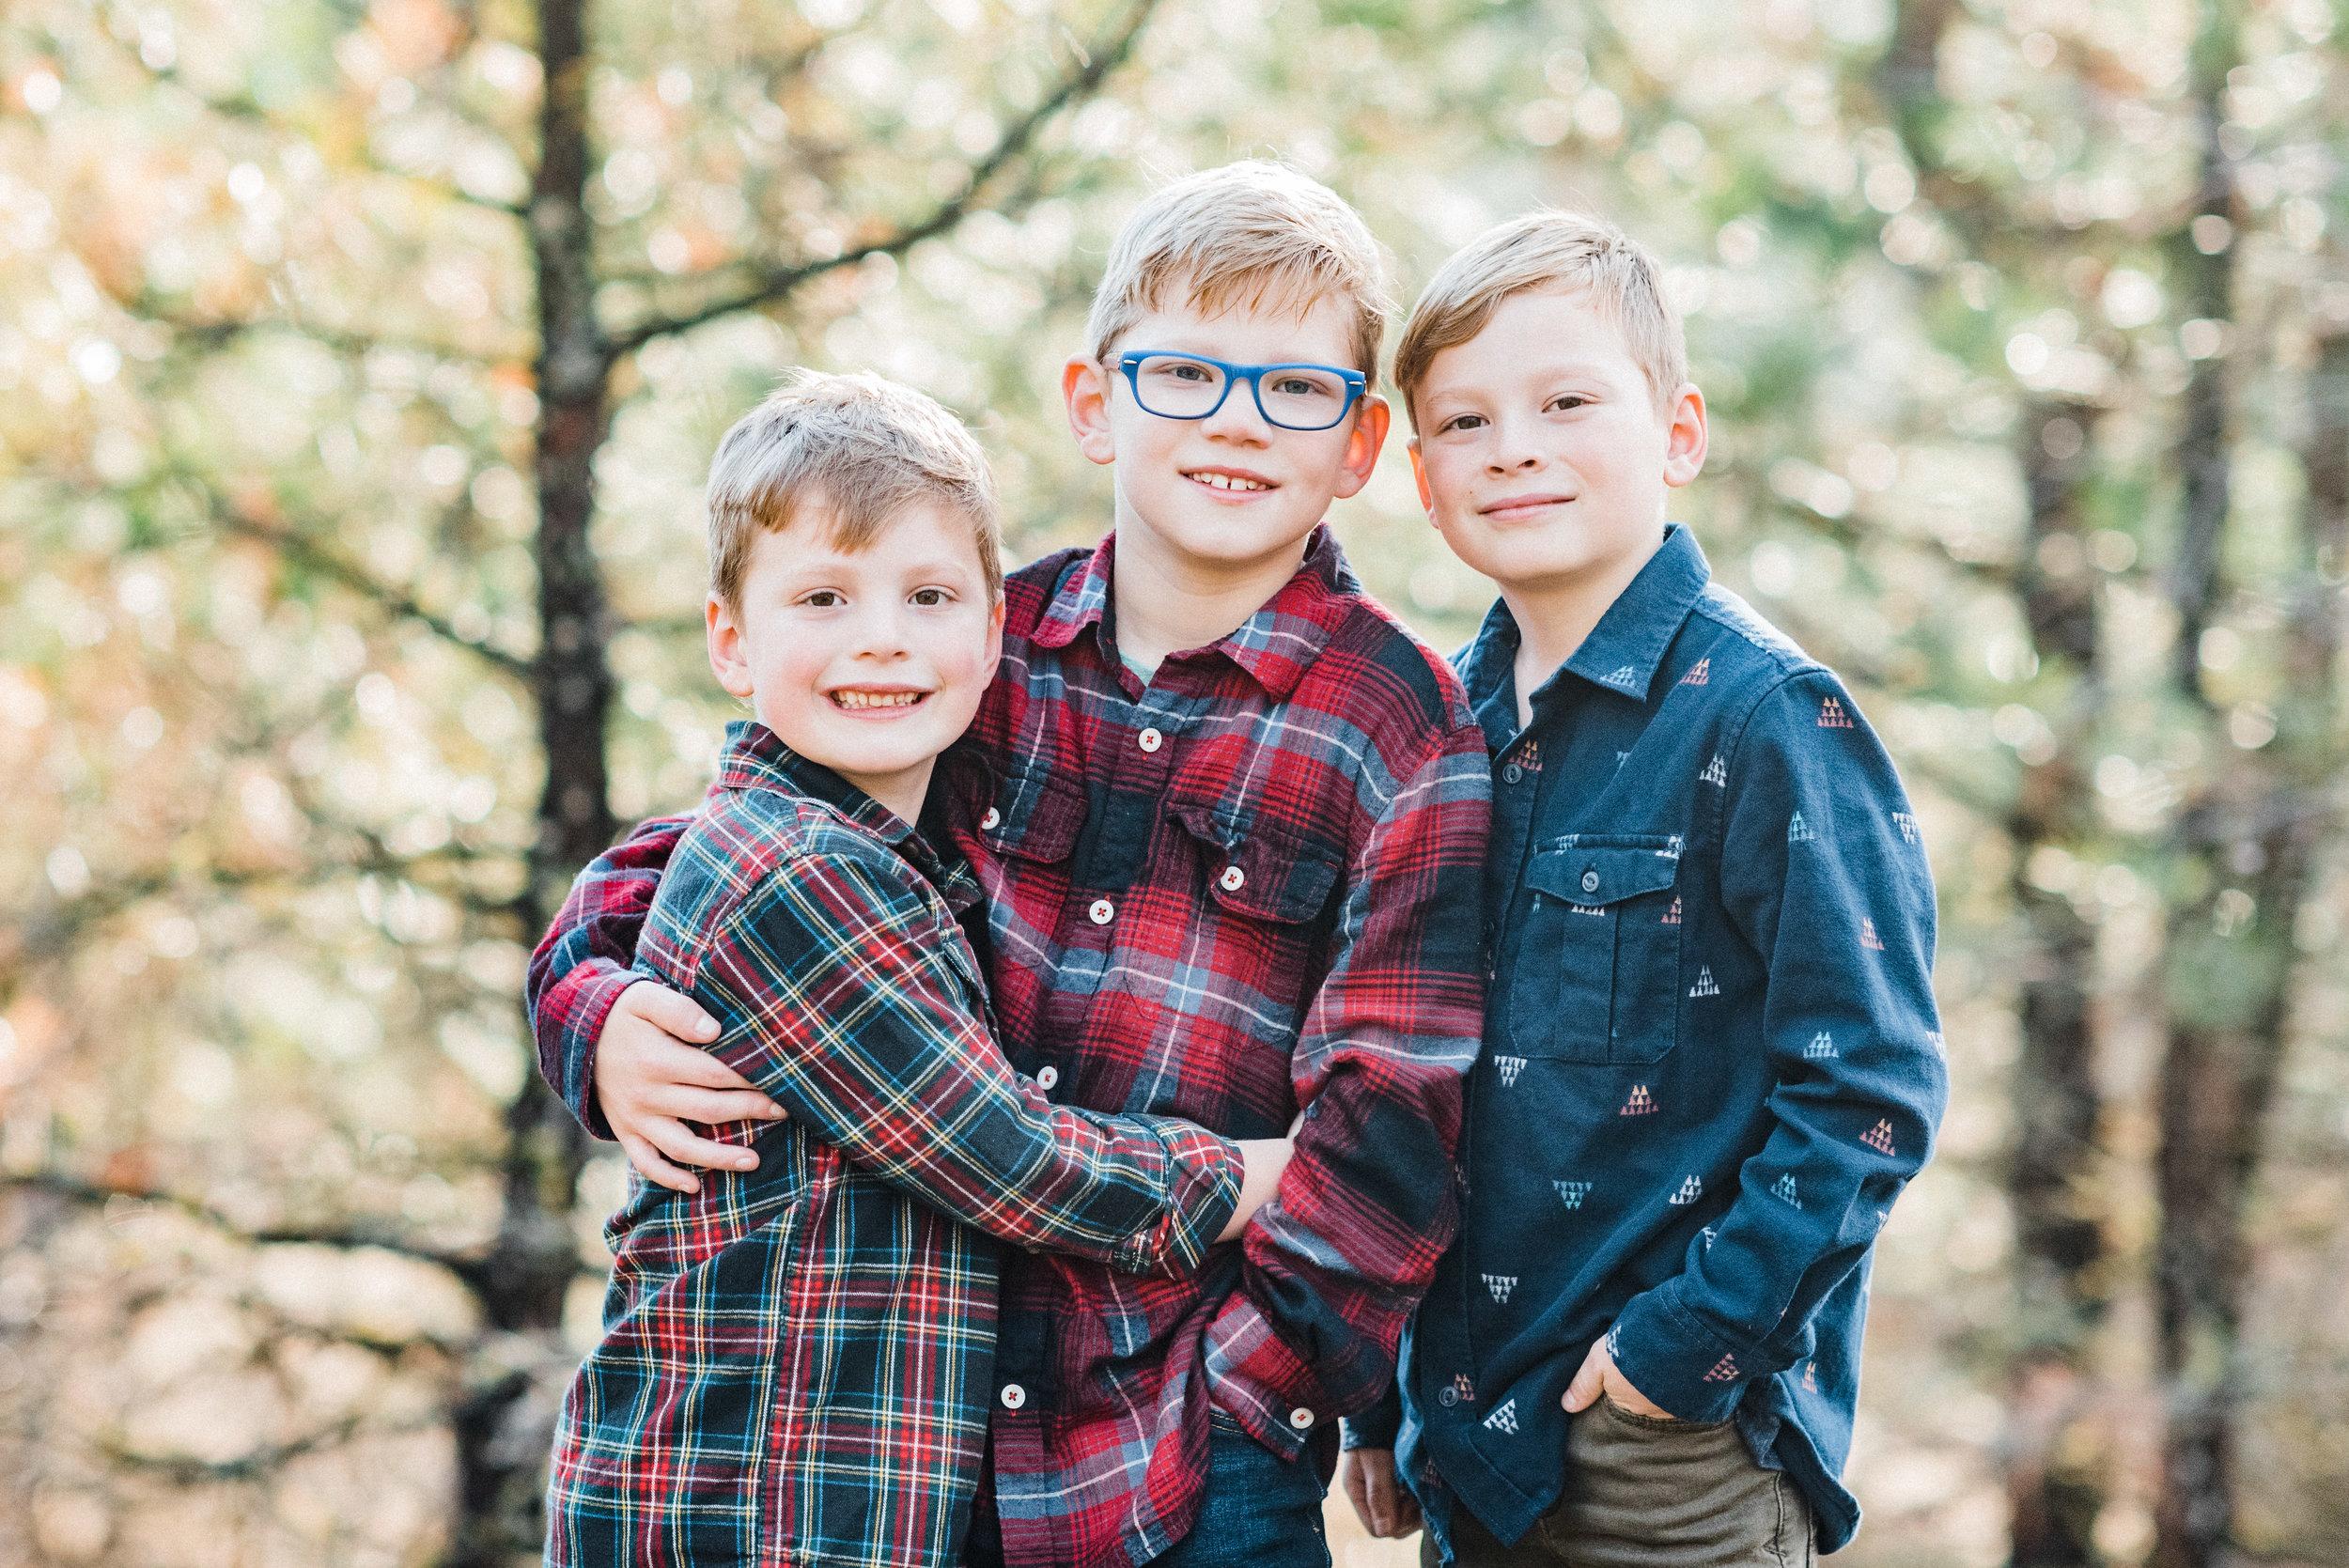 spokane_family_photographer_longmeier (6 of 19).jpg